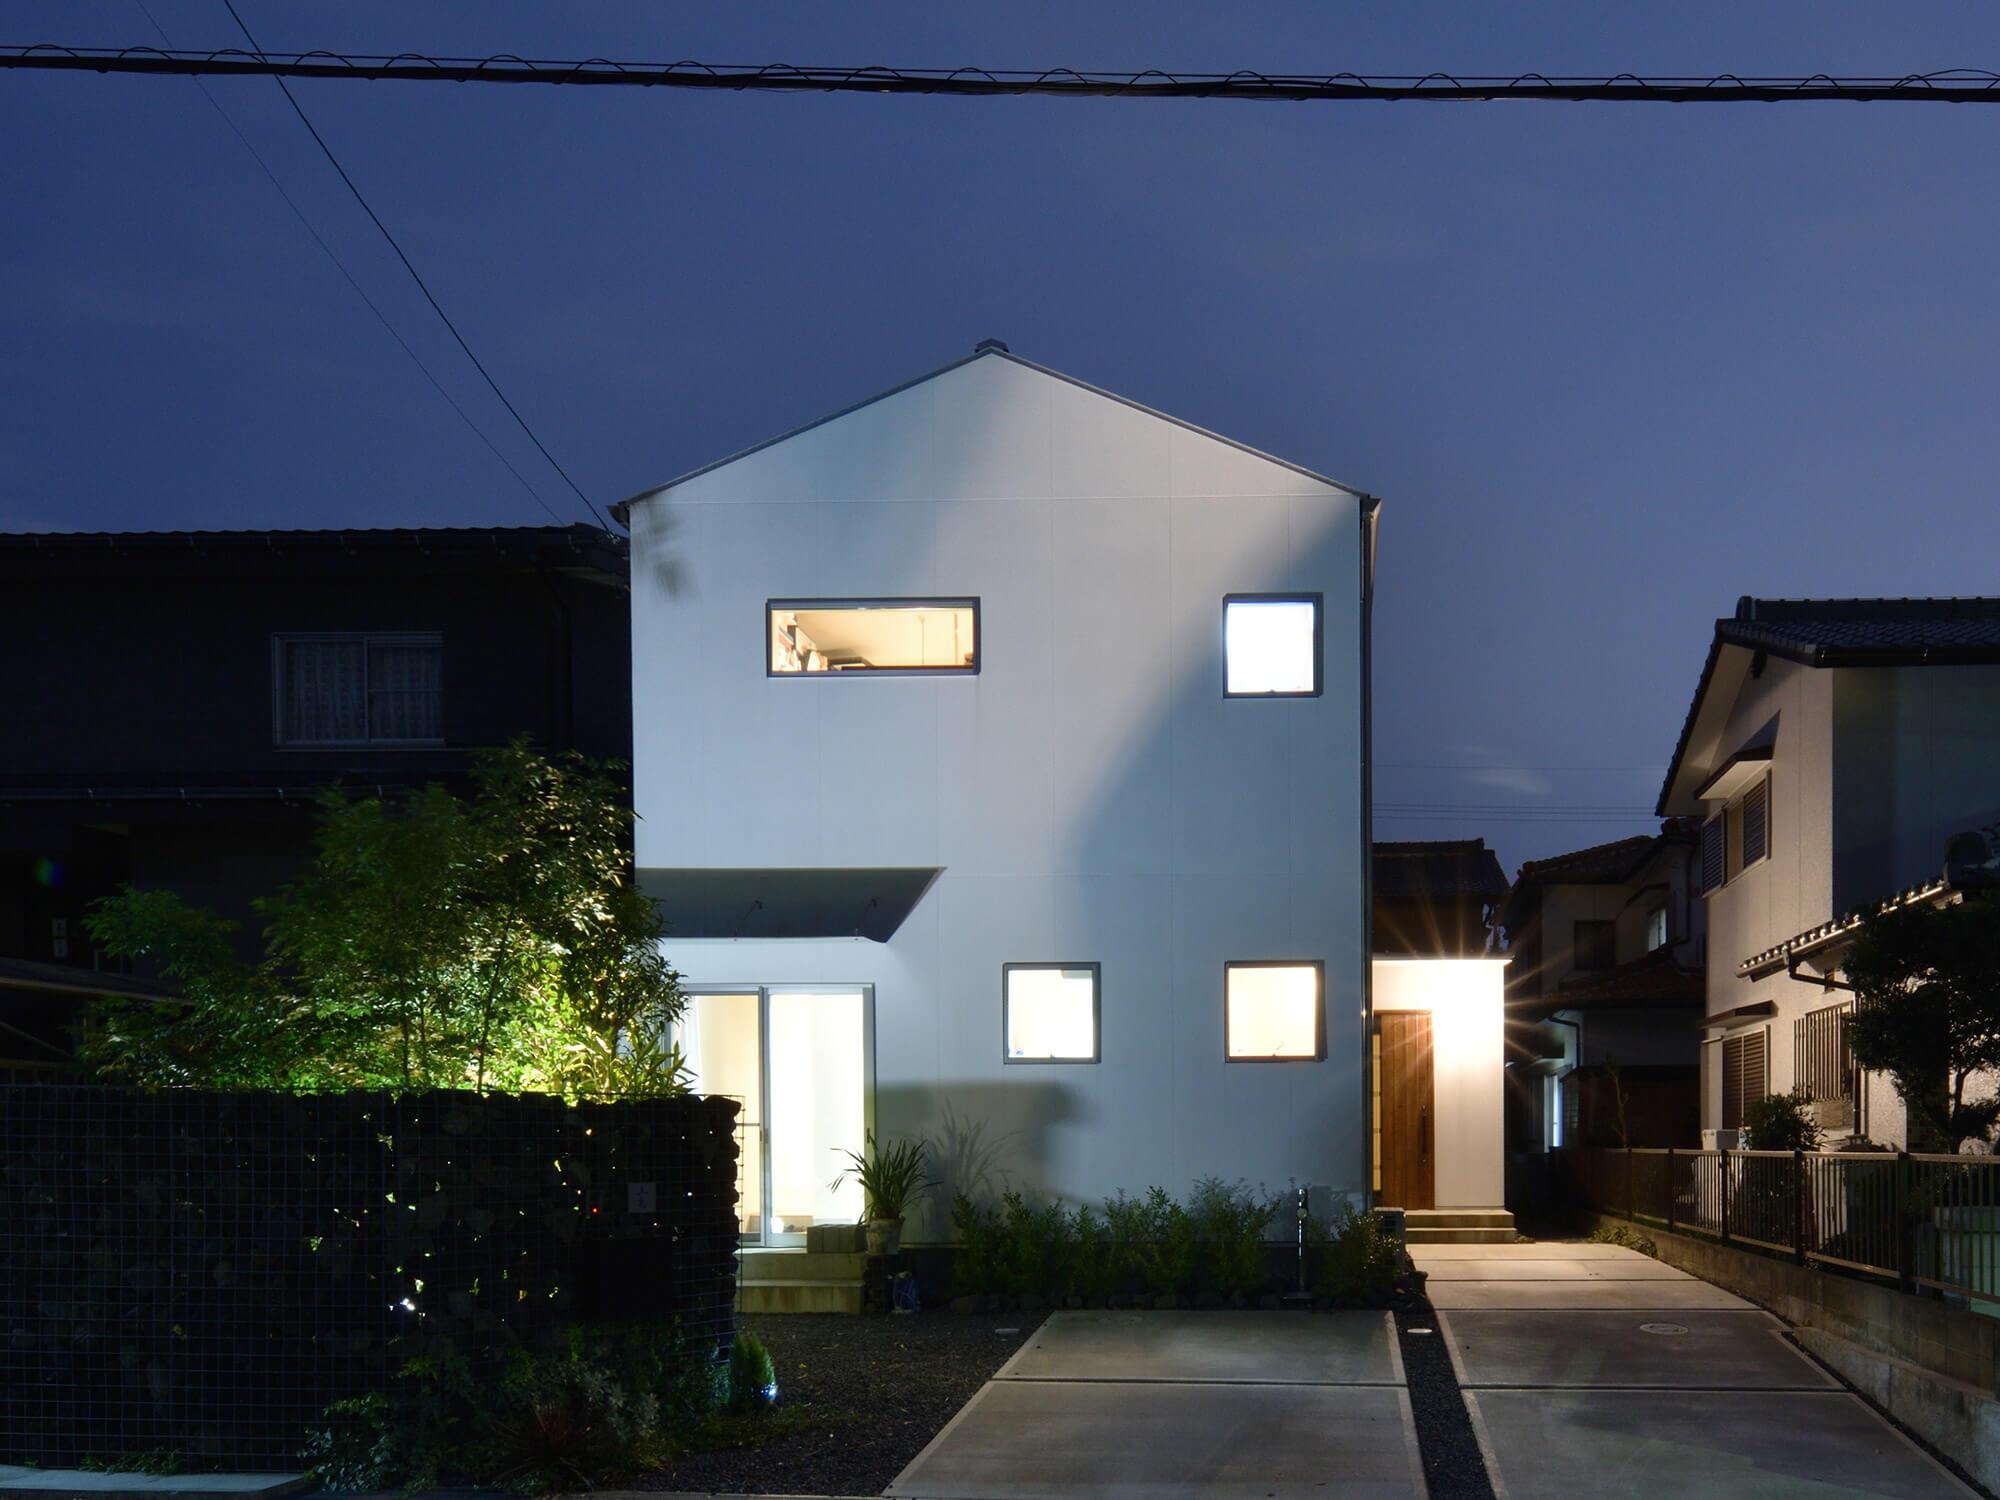 長者町の家11|愛知県名古屋市|Natureスペース施工事例